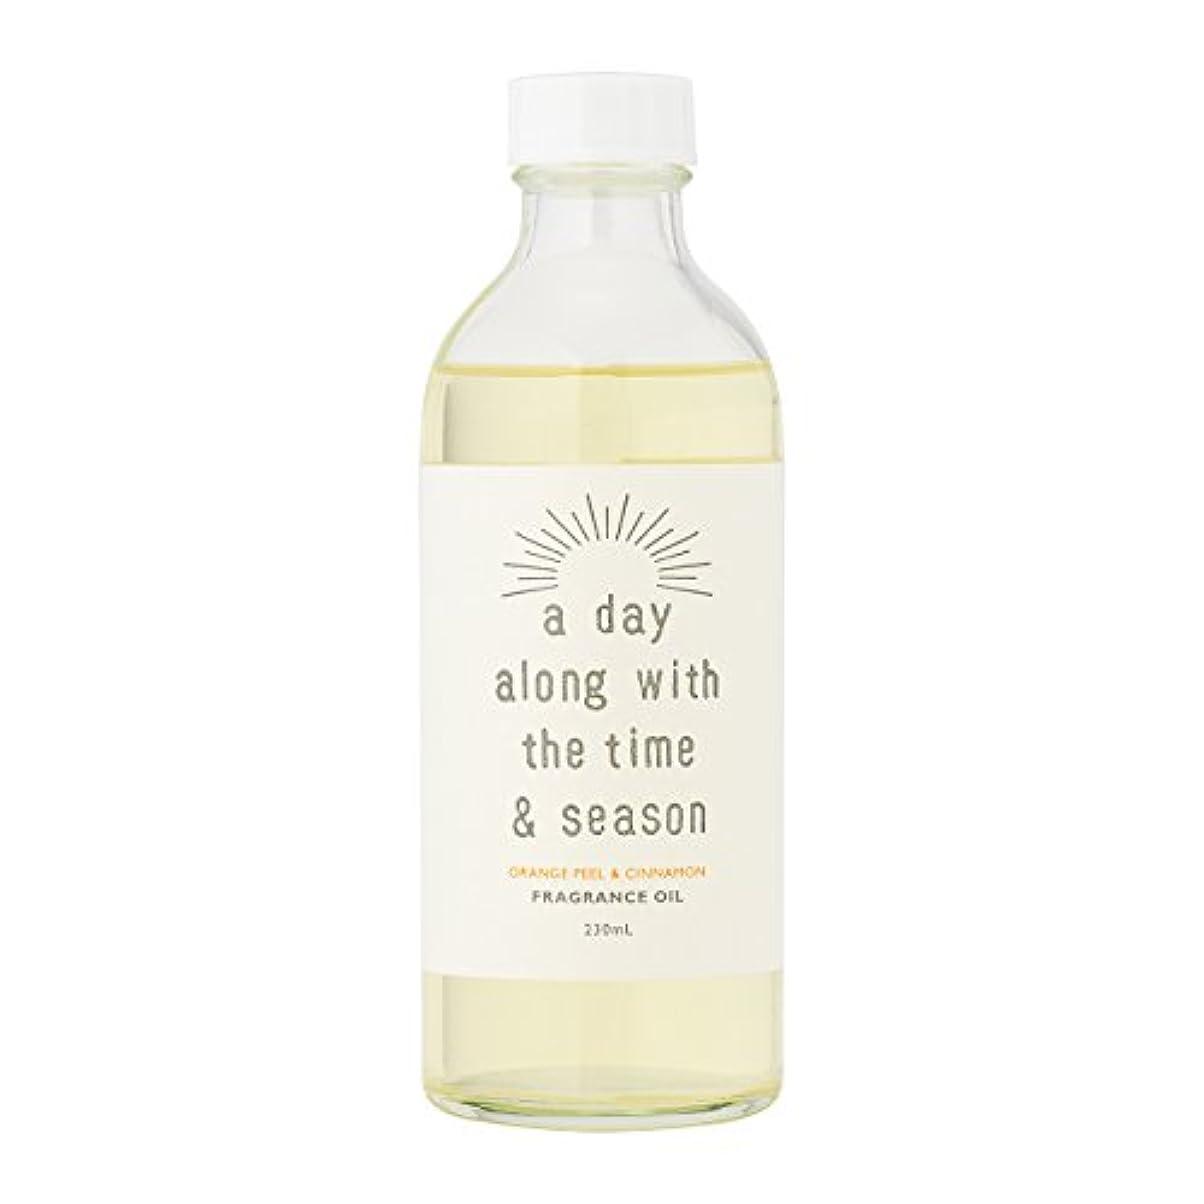 クラシカルヘア必需品アデイ(a day) リードディフューザー リフィル オレンジピール&シナモン 230ml(芳香剤 詰め替え用 甘酸っぱくて爽やかなオレンジピールにシナモンがふわりと広がる香り)